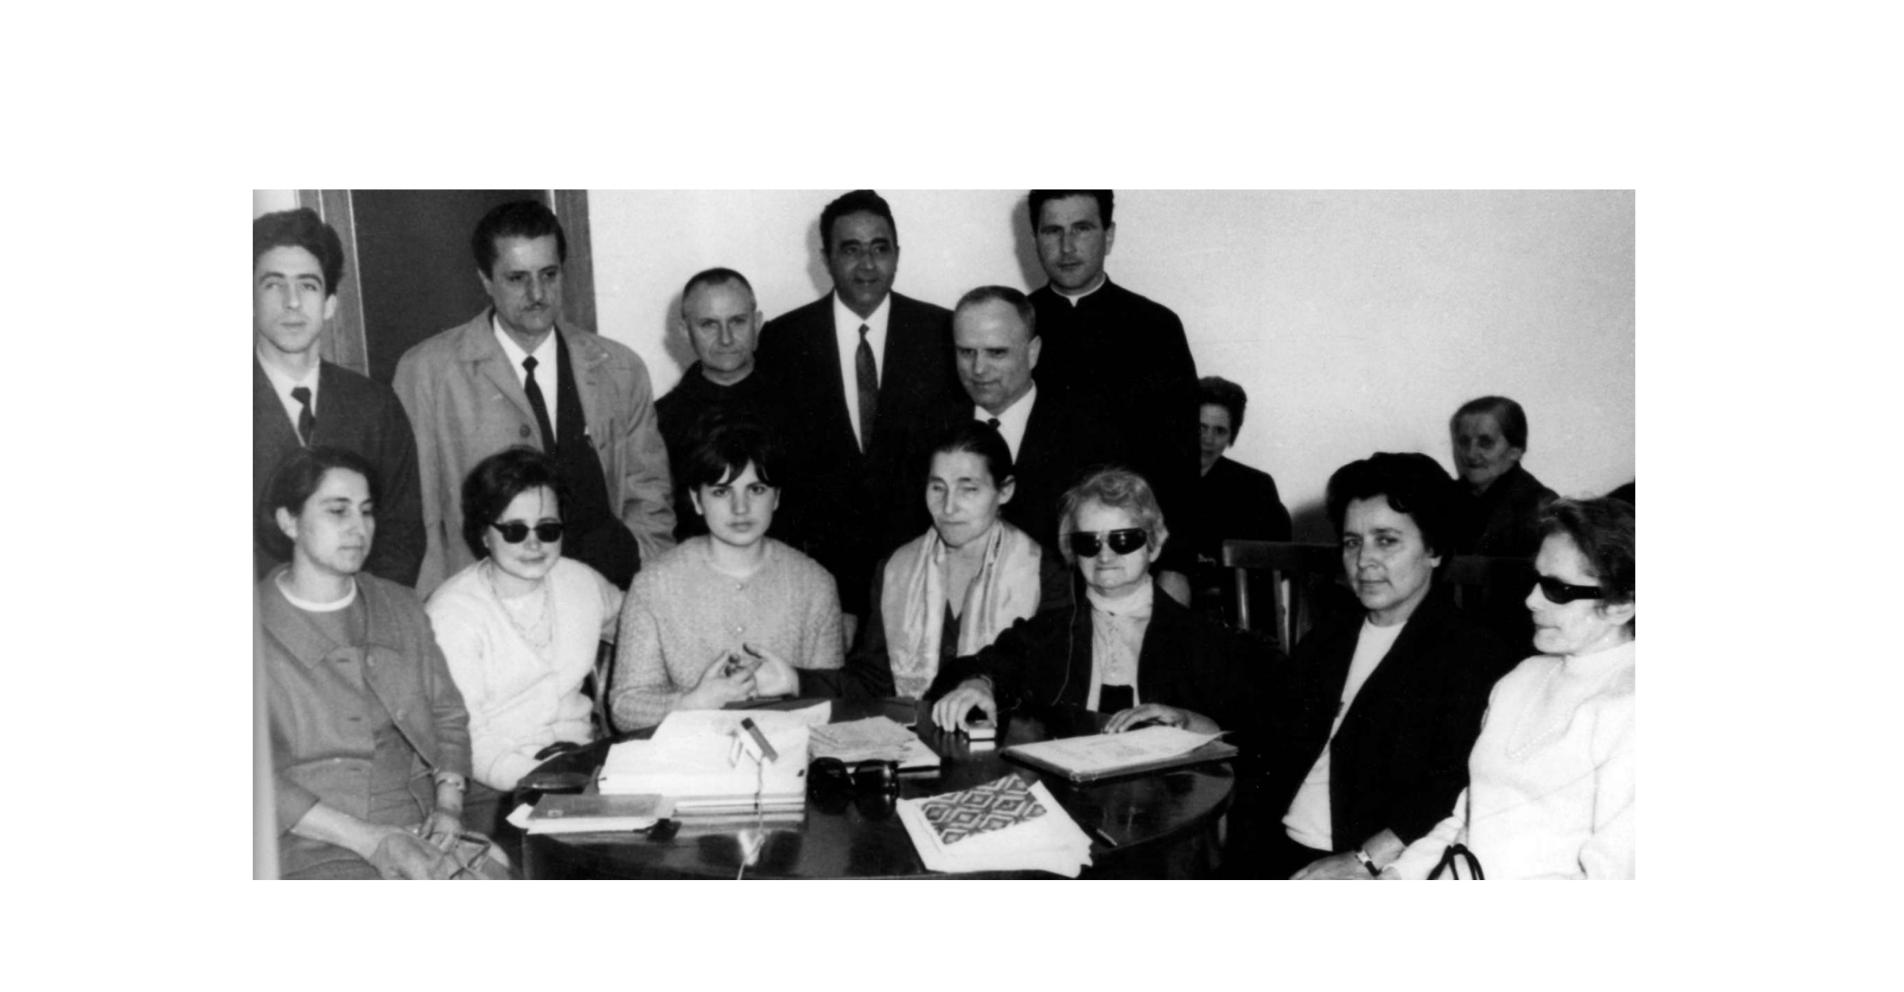 Foto di gruppo dei fondatori della Lega del Filo d'Oro. Sette donne tra cui anche Sabina Santilli, sono sedute attorno ad un tavolo. Dietro di loro sei uomini. L'immagine è in bianco e nero.